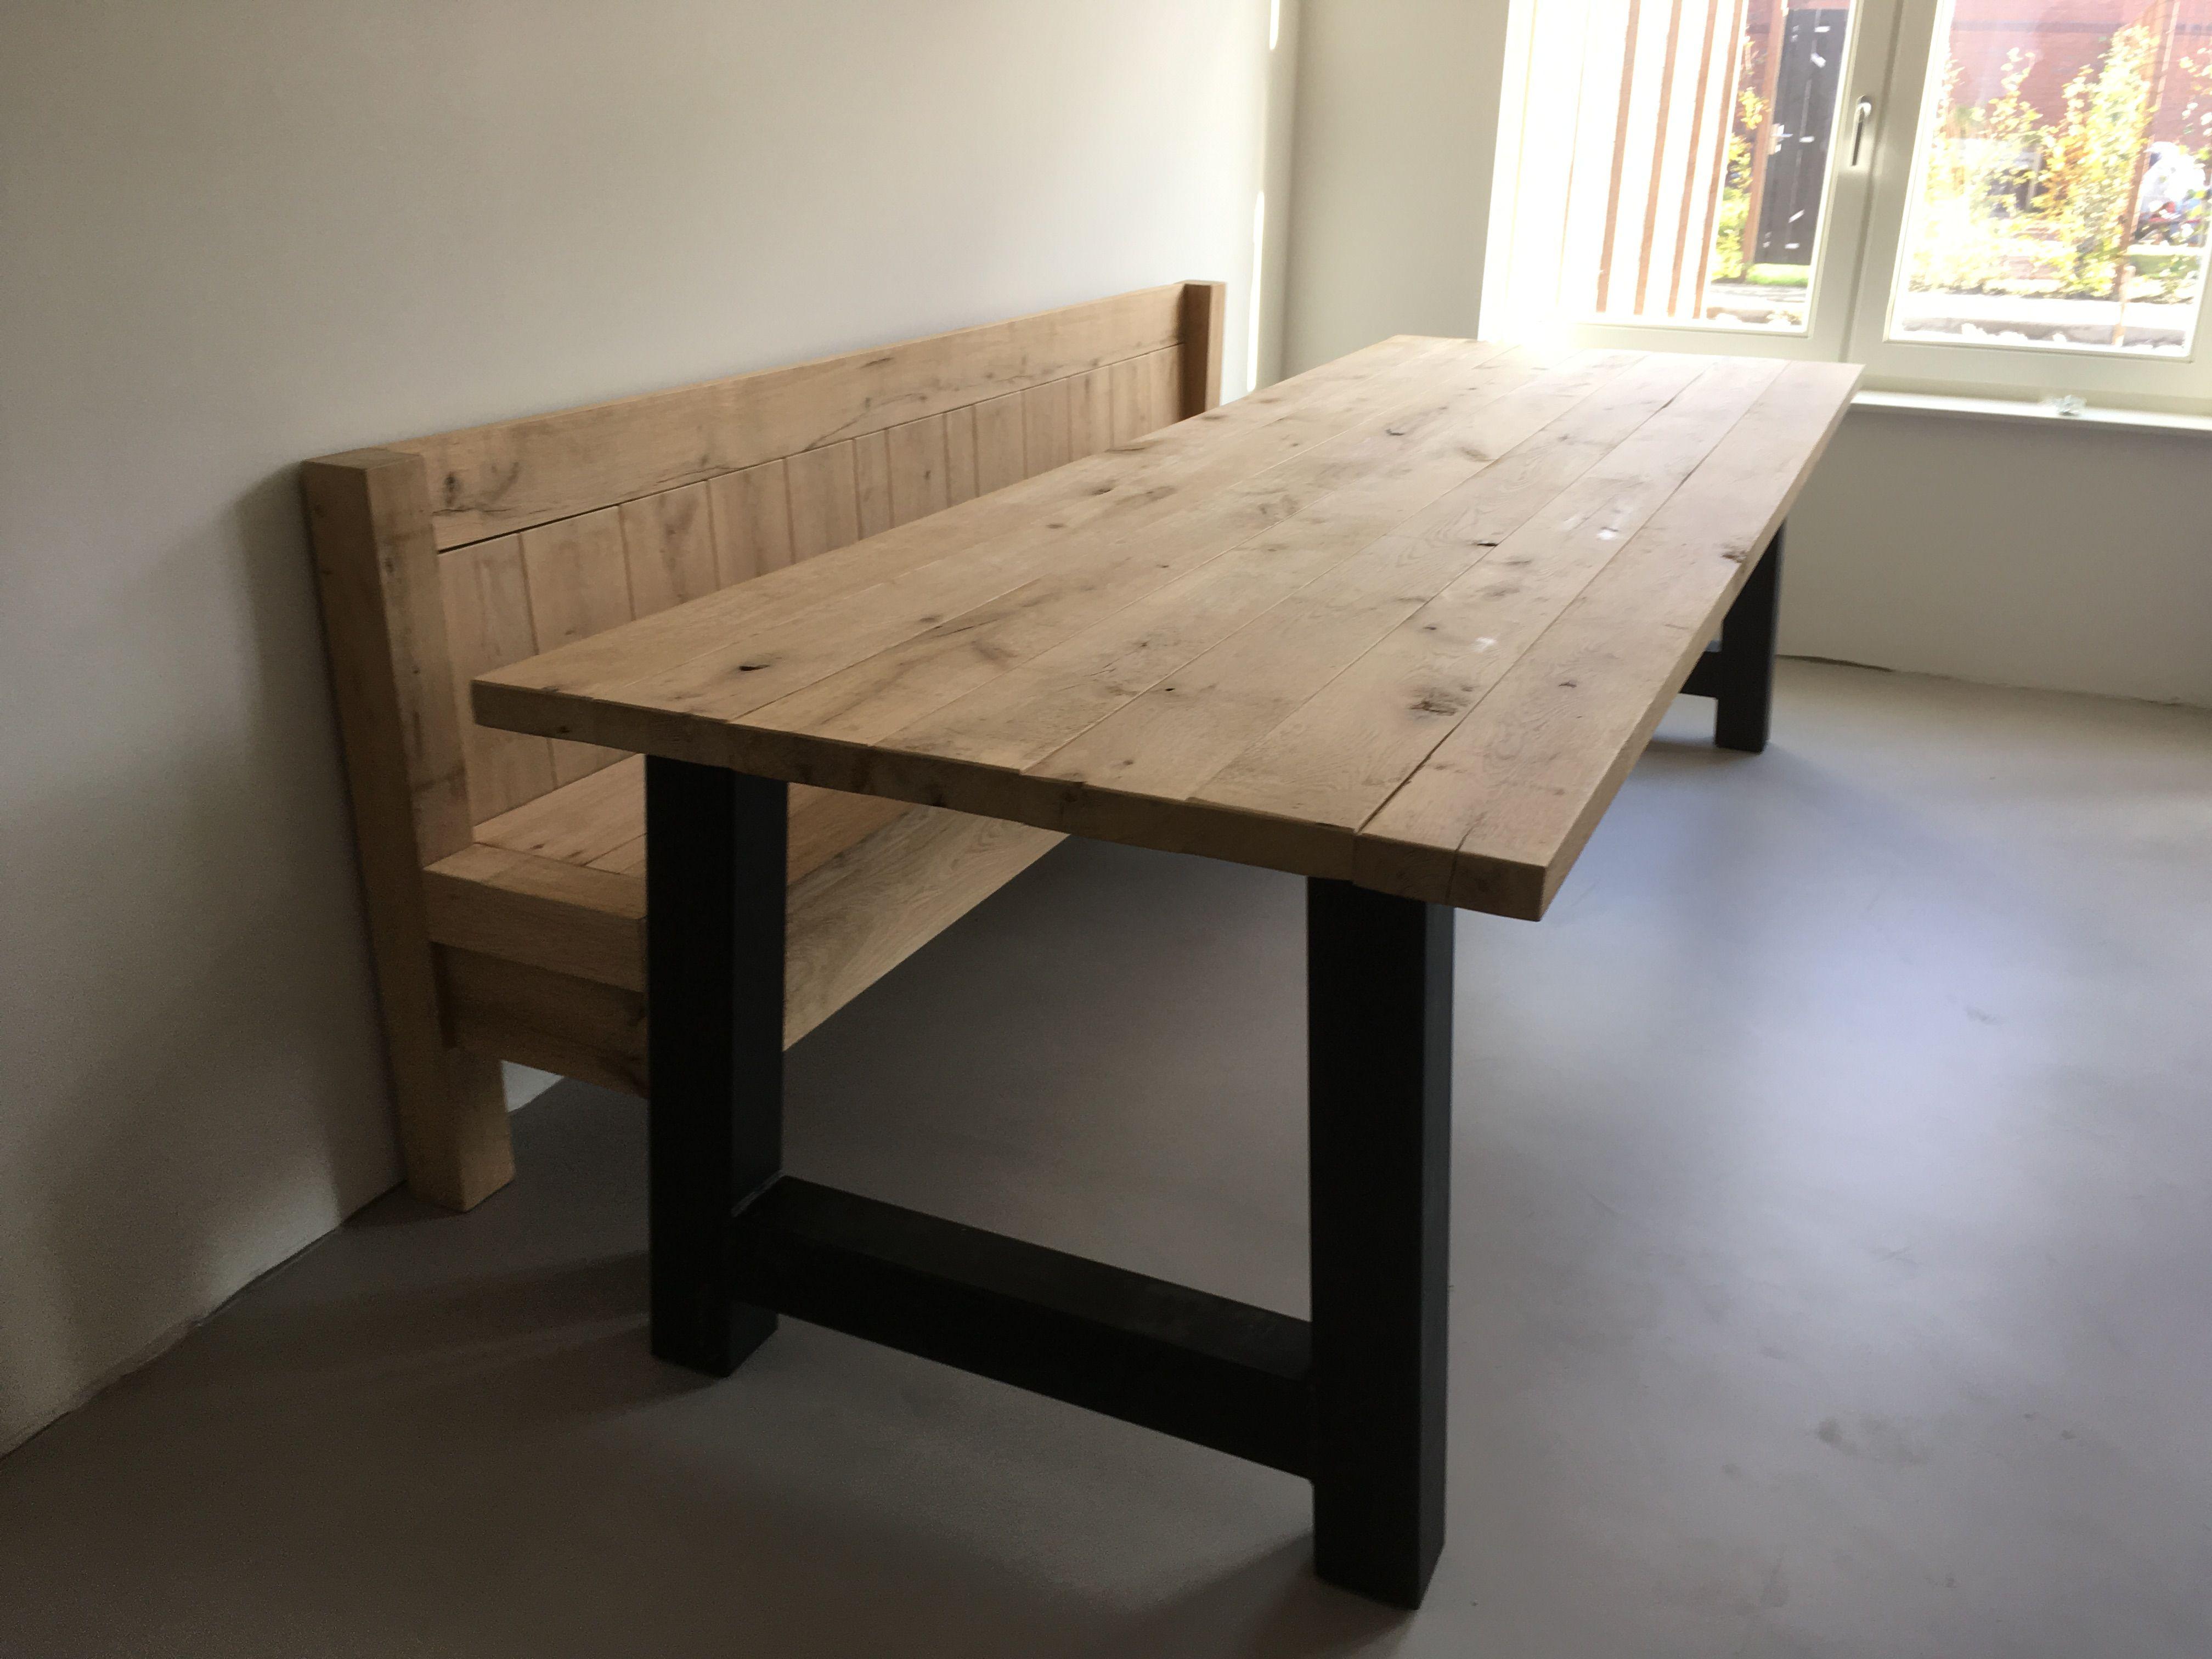 Eiken tafel met eettafel bank van eiken www.rolanmeubels eiken